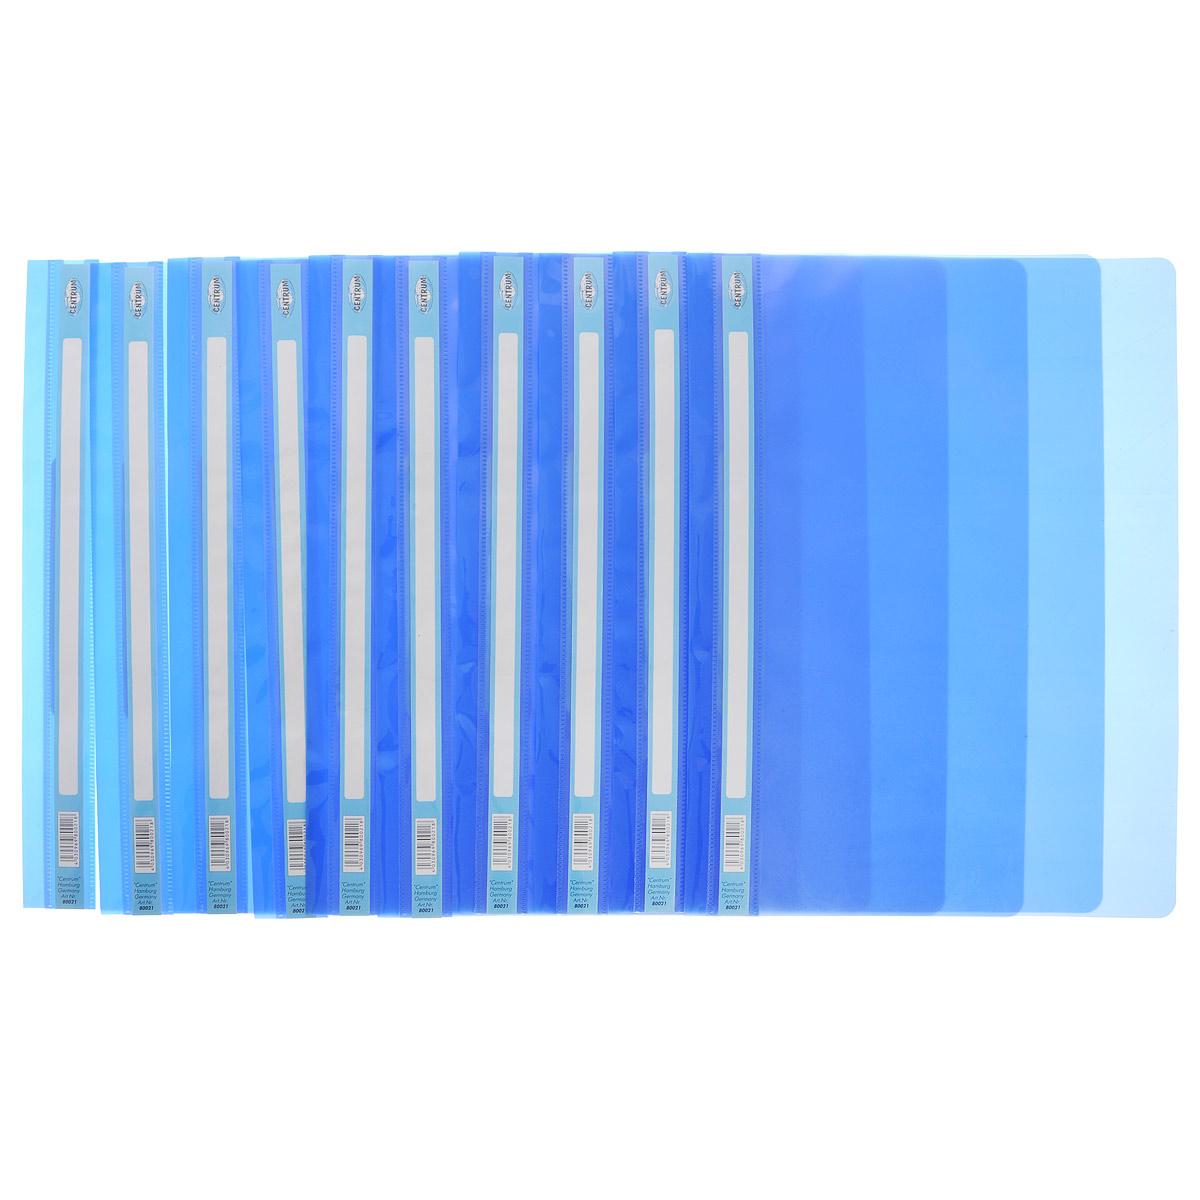 Папка-скоросшиватель Centrum, цвет: синий. Формат А4, 10 шт80021О_синийПапка-скоросшиватель Centrum - это удобный и функциональный офисный инструмент, предназначенный для хранения и транспортировки рабочих бумаг и документов формата А4. Изготовлена из полупрозрачного, прочного пластика, имеет прозрачный верхний лист и более плотный нижний. Папка оснащена металлическими скобками для фиксации перфорированных бумаг. В комплект входят 10 папок формата A4. Папка-скоросшиватель - это незаменимый атрибут для студента, школьника, офисного работника. Такая папка надежно сохранит ваши документы и сбережет их от повреждений, пыли и влаги.